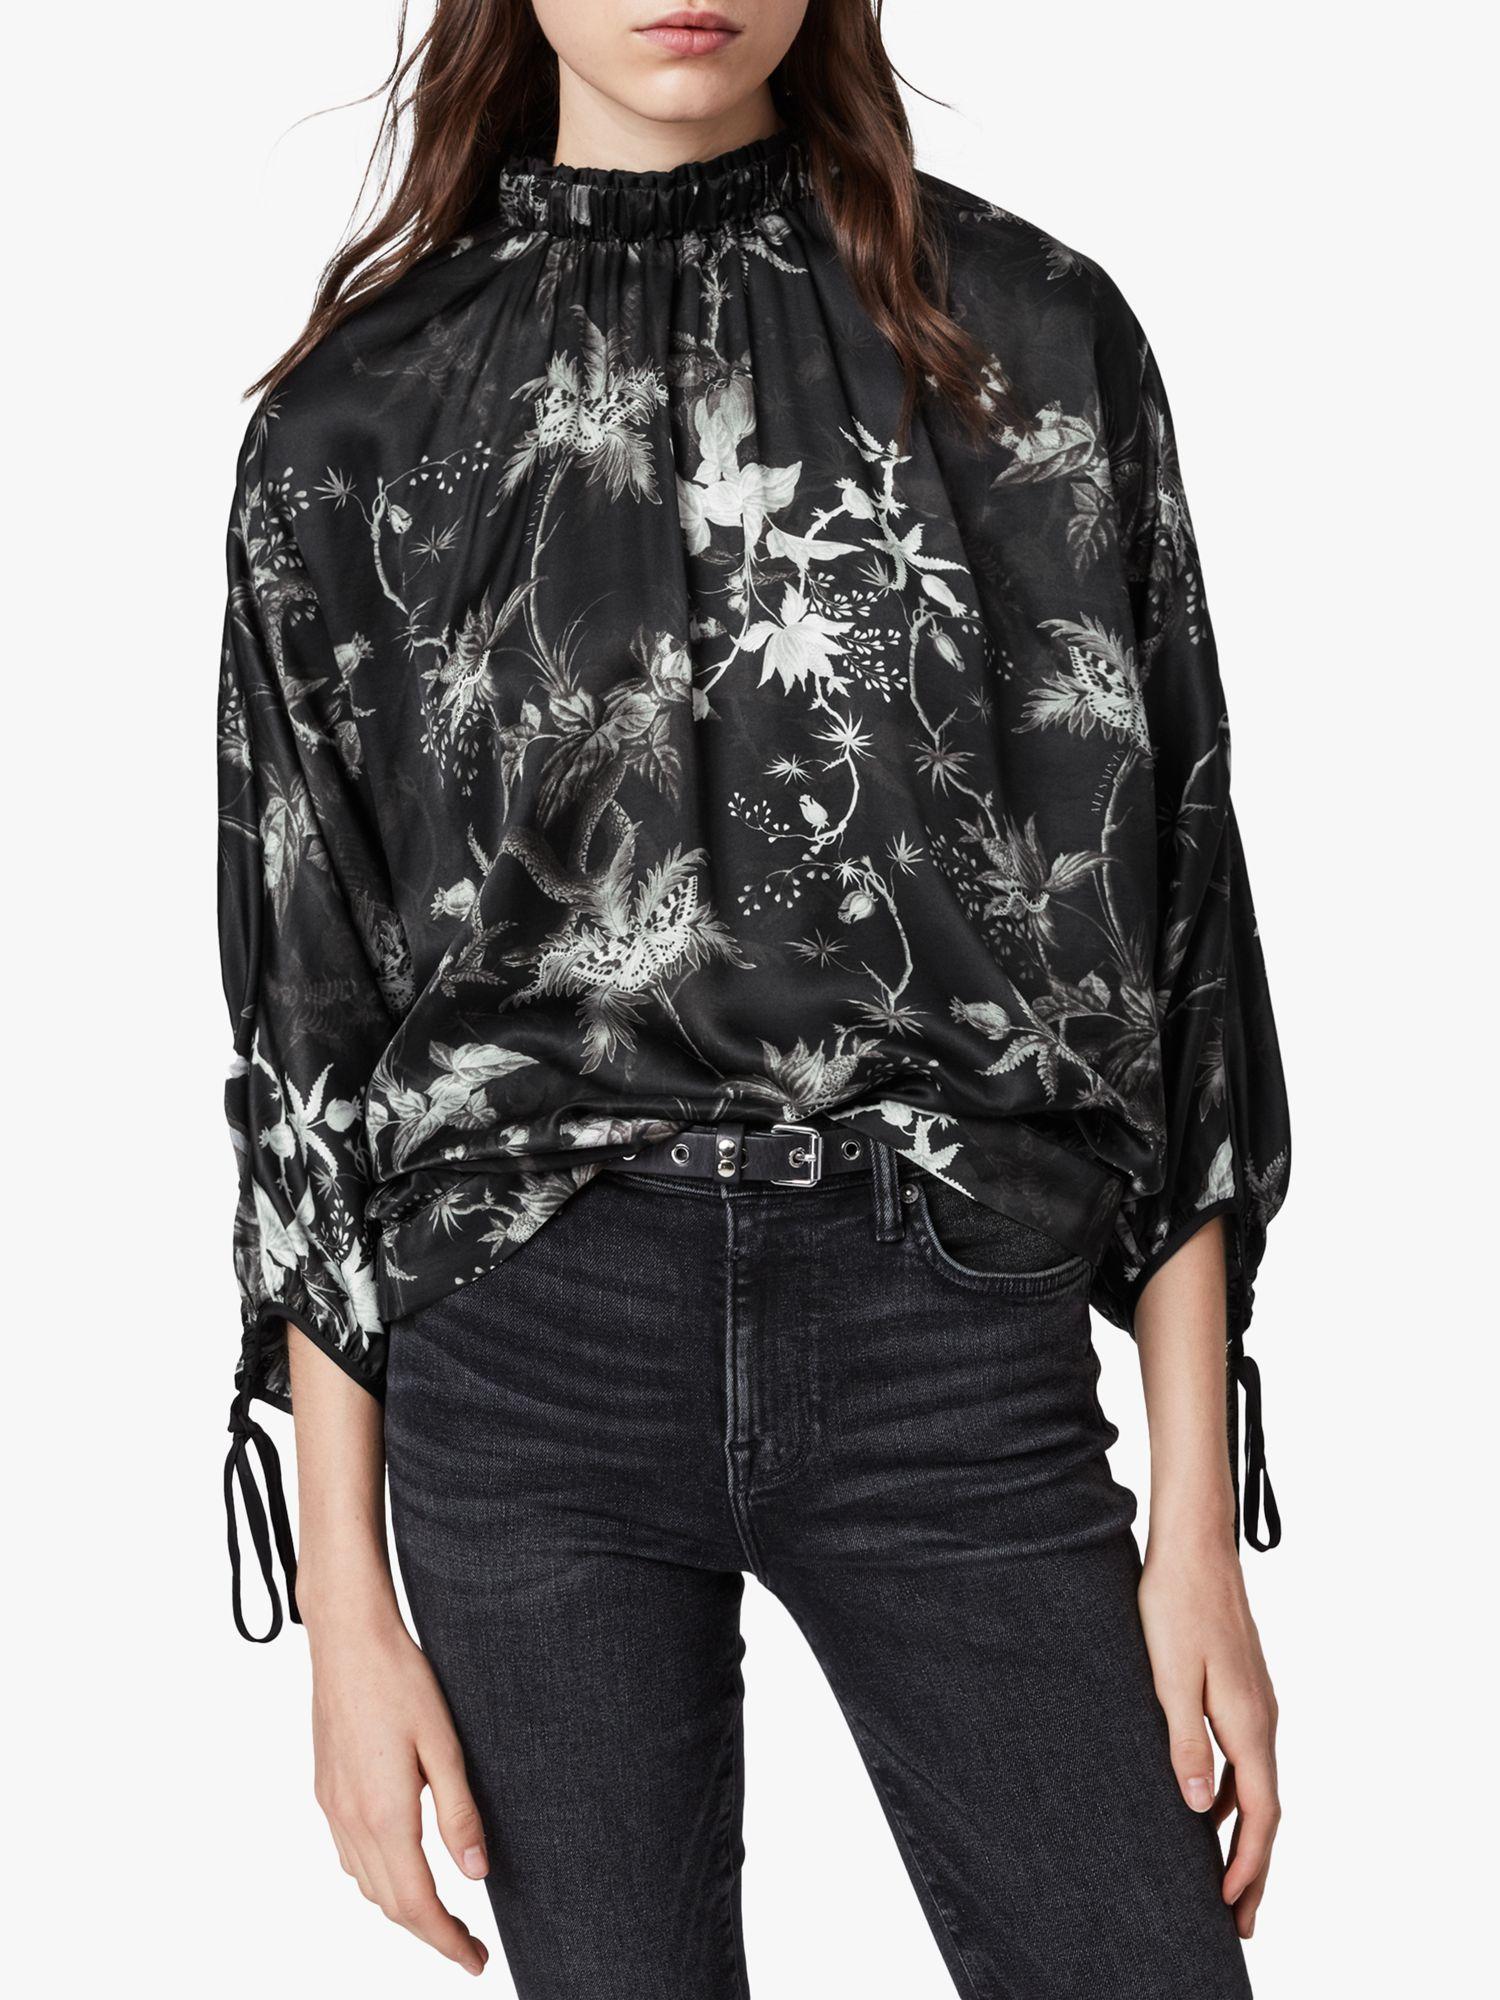 AllSaints AllSaints Rora Evolution Floral Top, Black